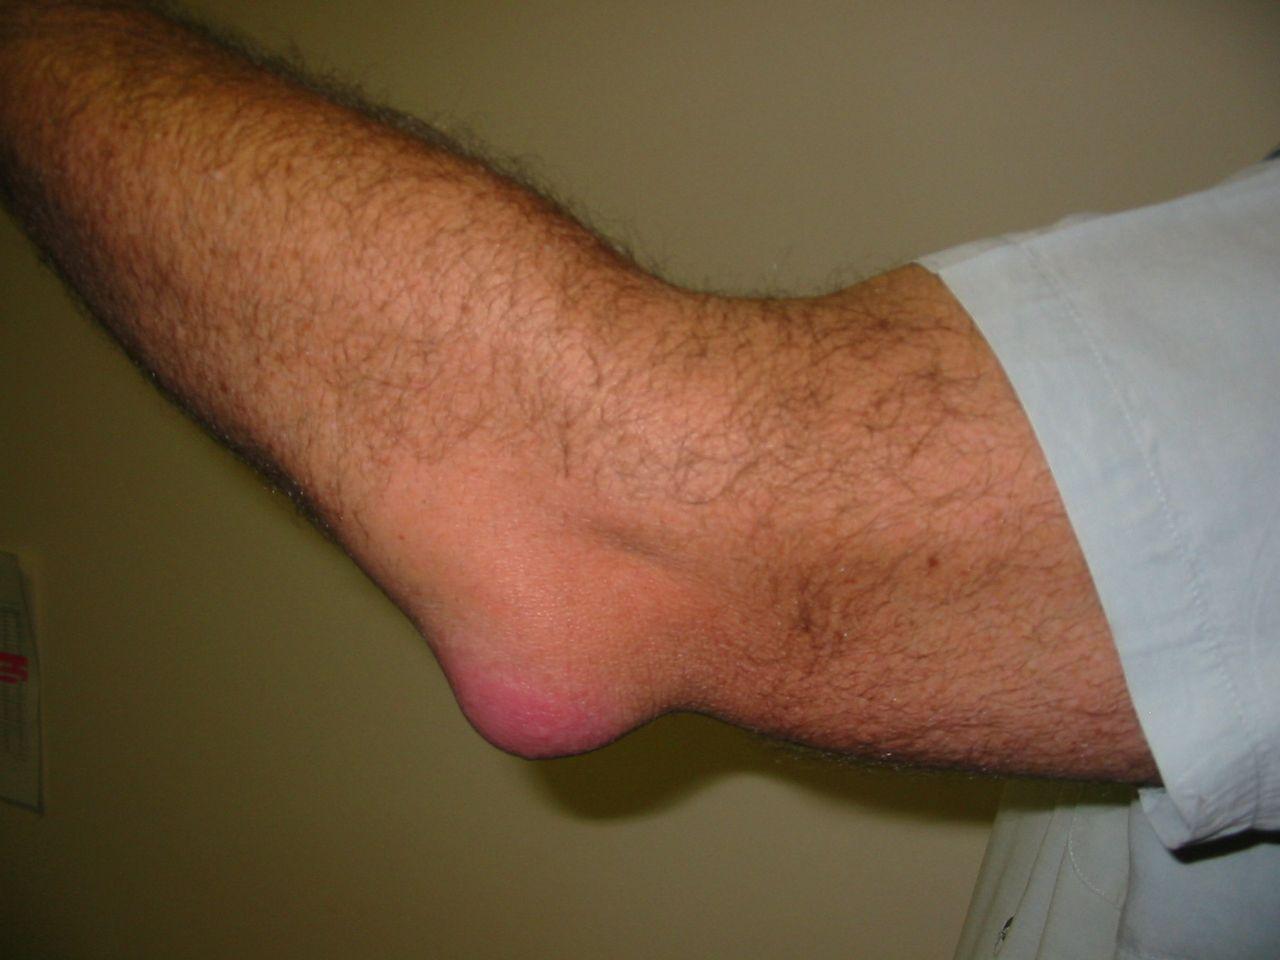 Mi okozhatja a könyök fájdalmát? - fájdalomportábuggarage.hu